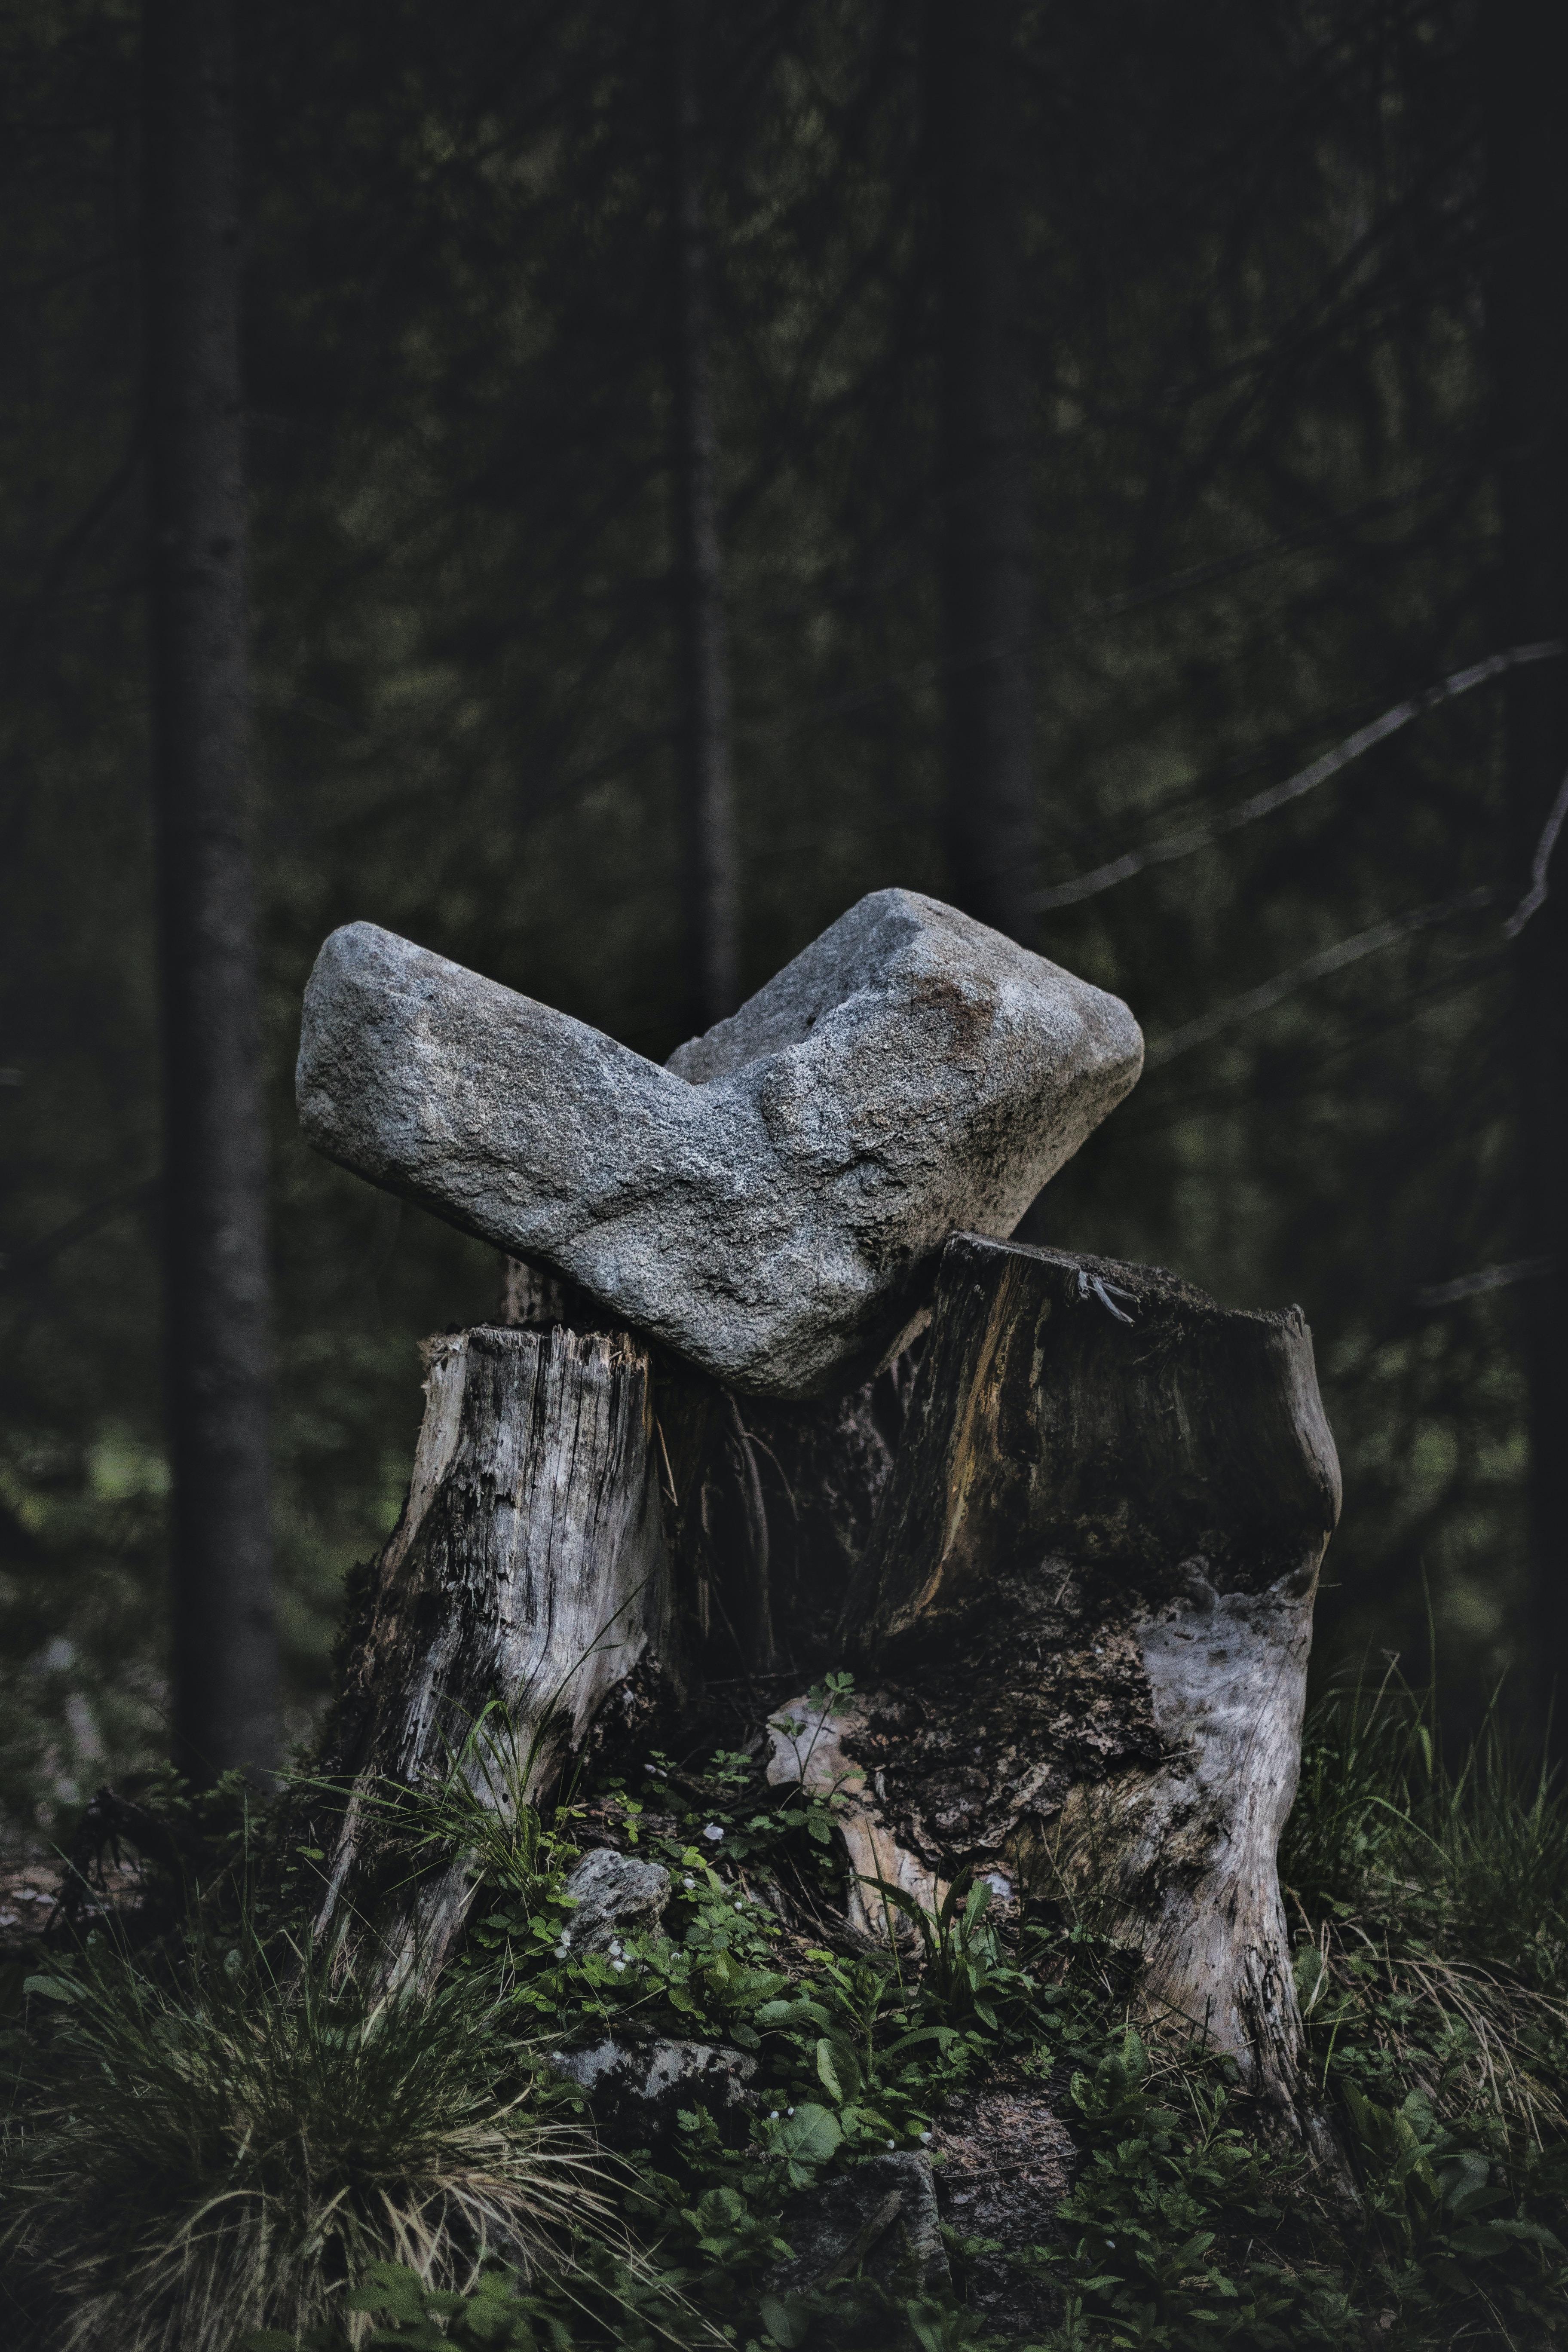 gray rock on tree stump